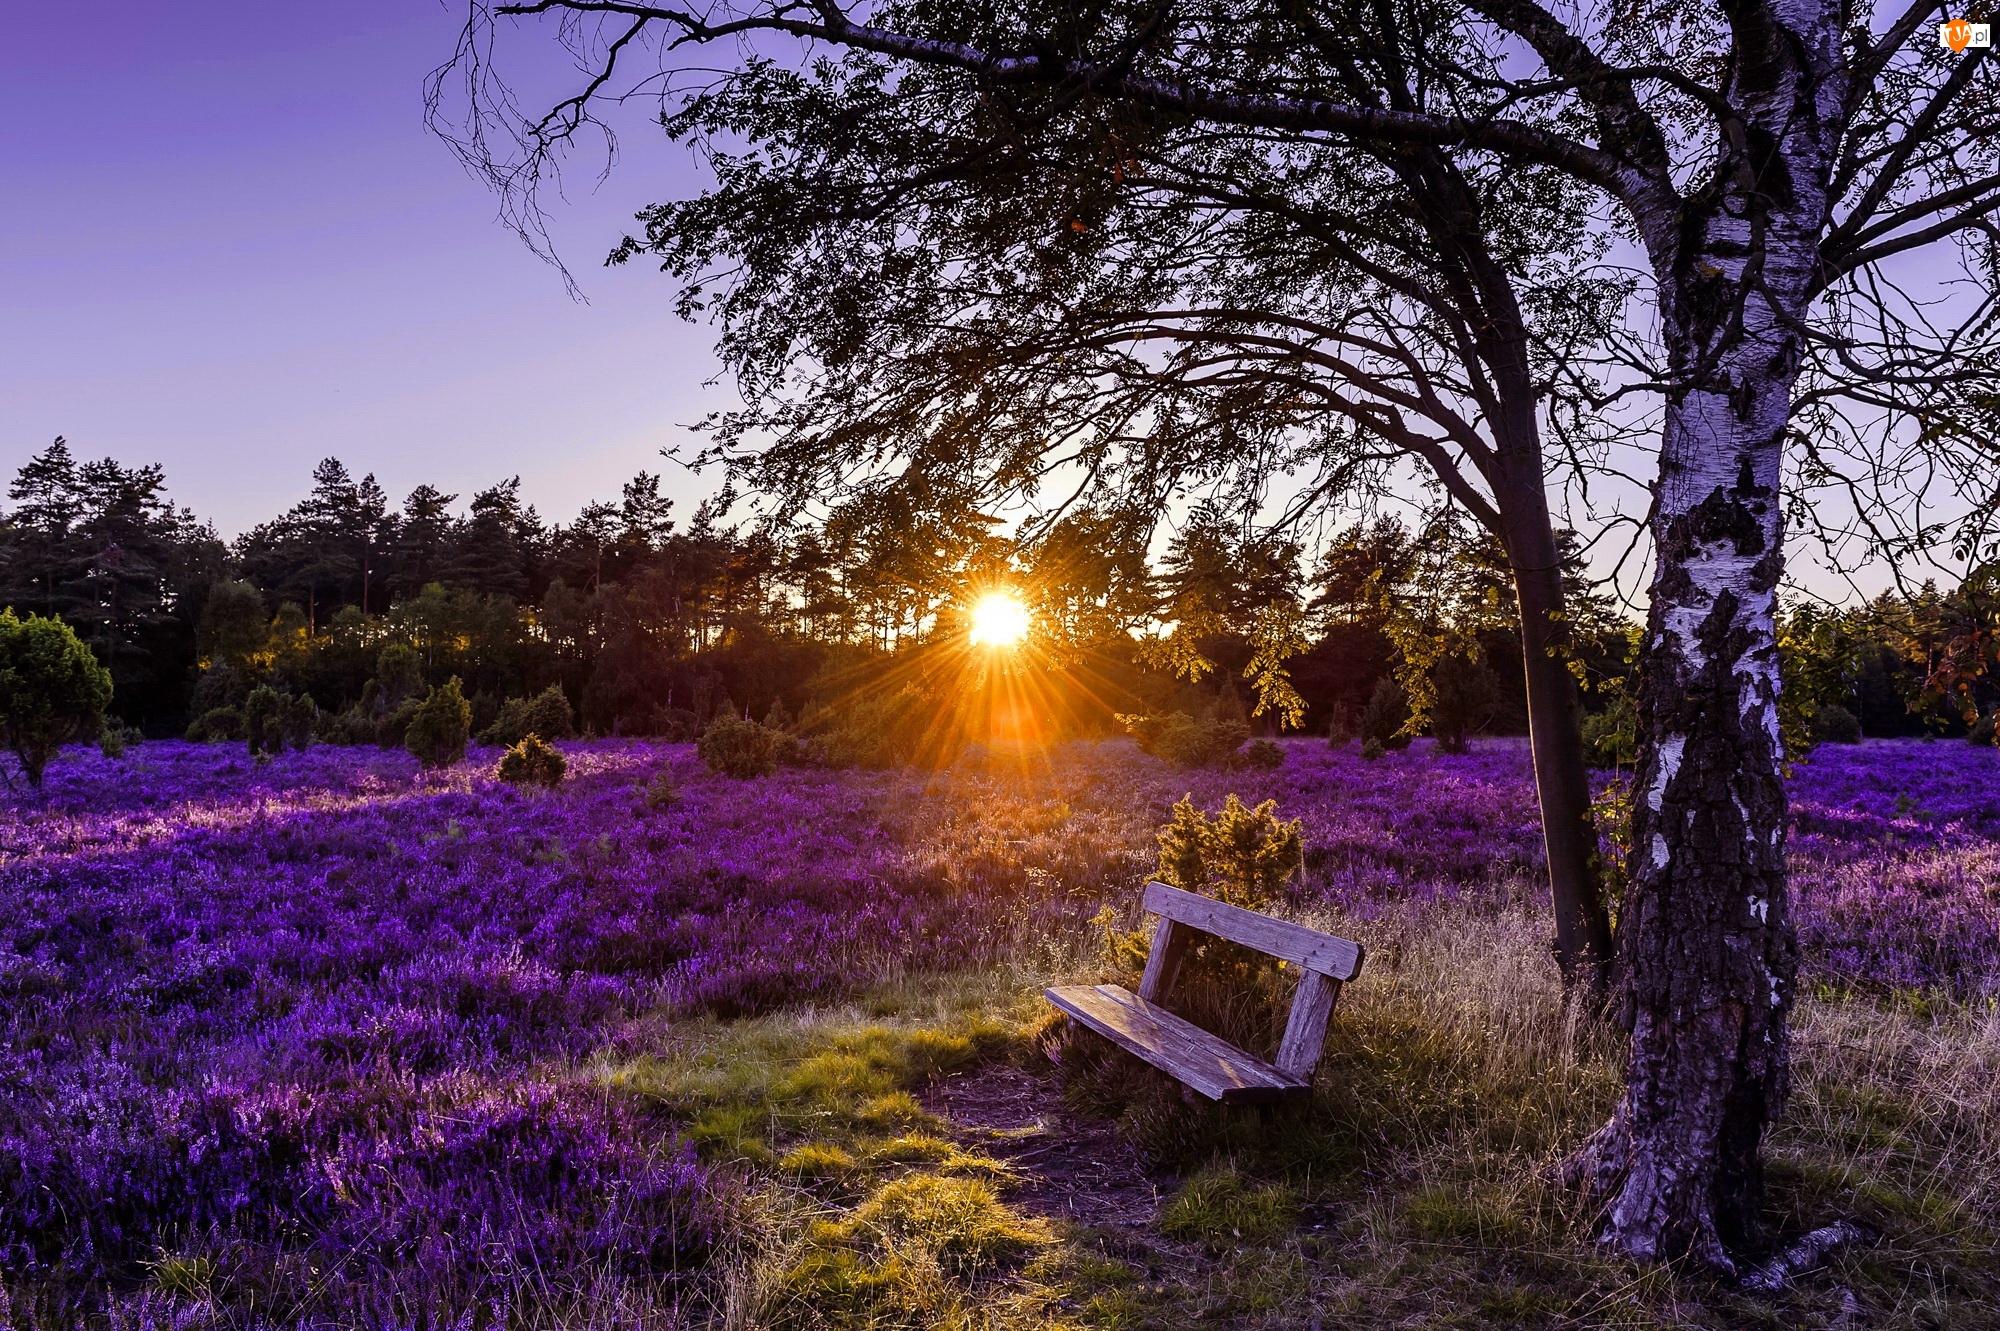 Promienie słońca, Drzewo, Pustać Lüneburska, Niemcy, Wrzos zwyczajny, Ławka, Brzoza